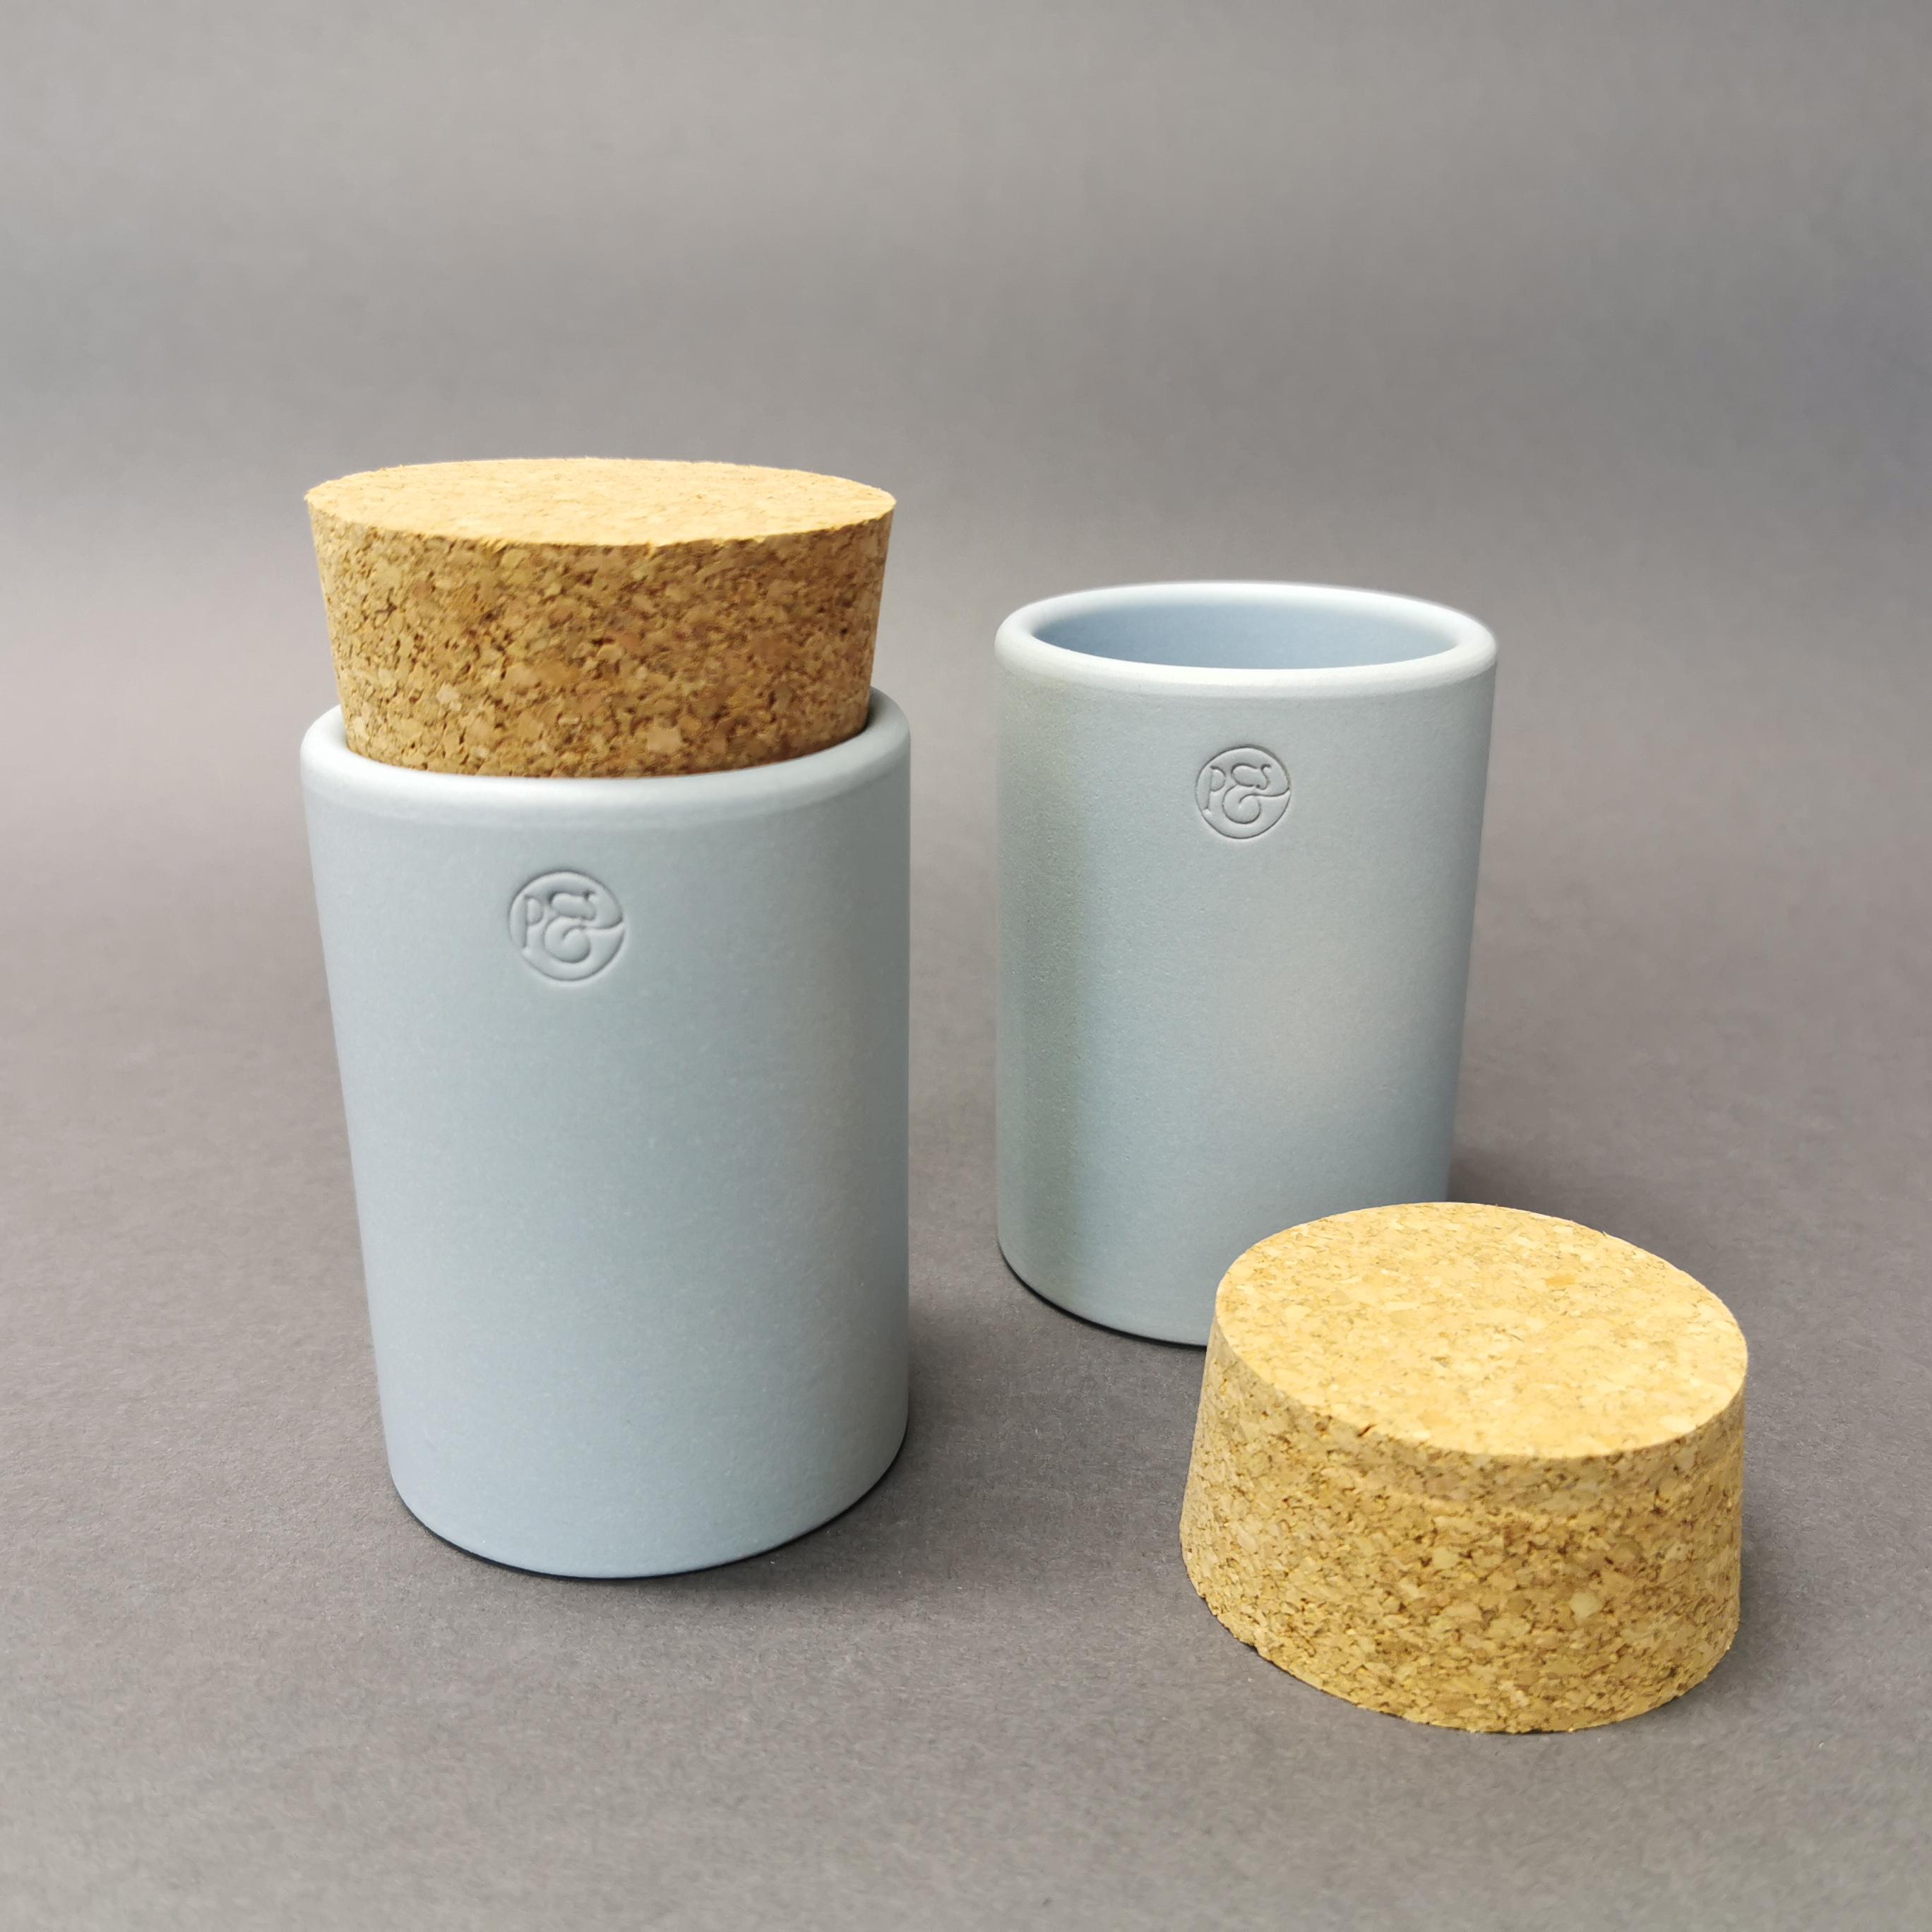 Keramikdose mit Korken von Pfeffersack & Söhne